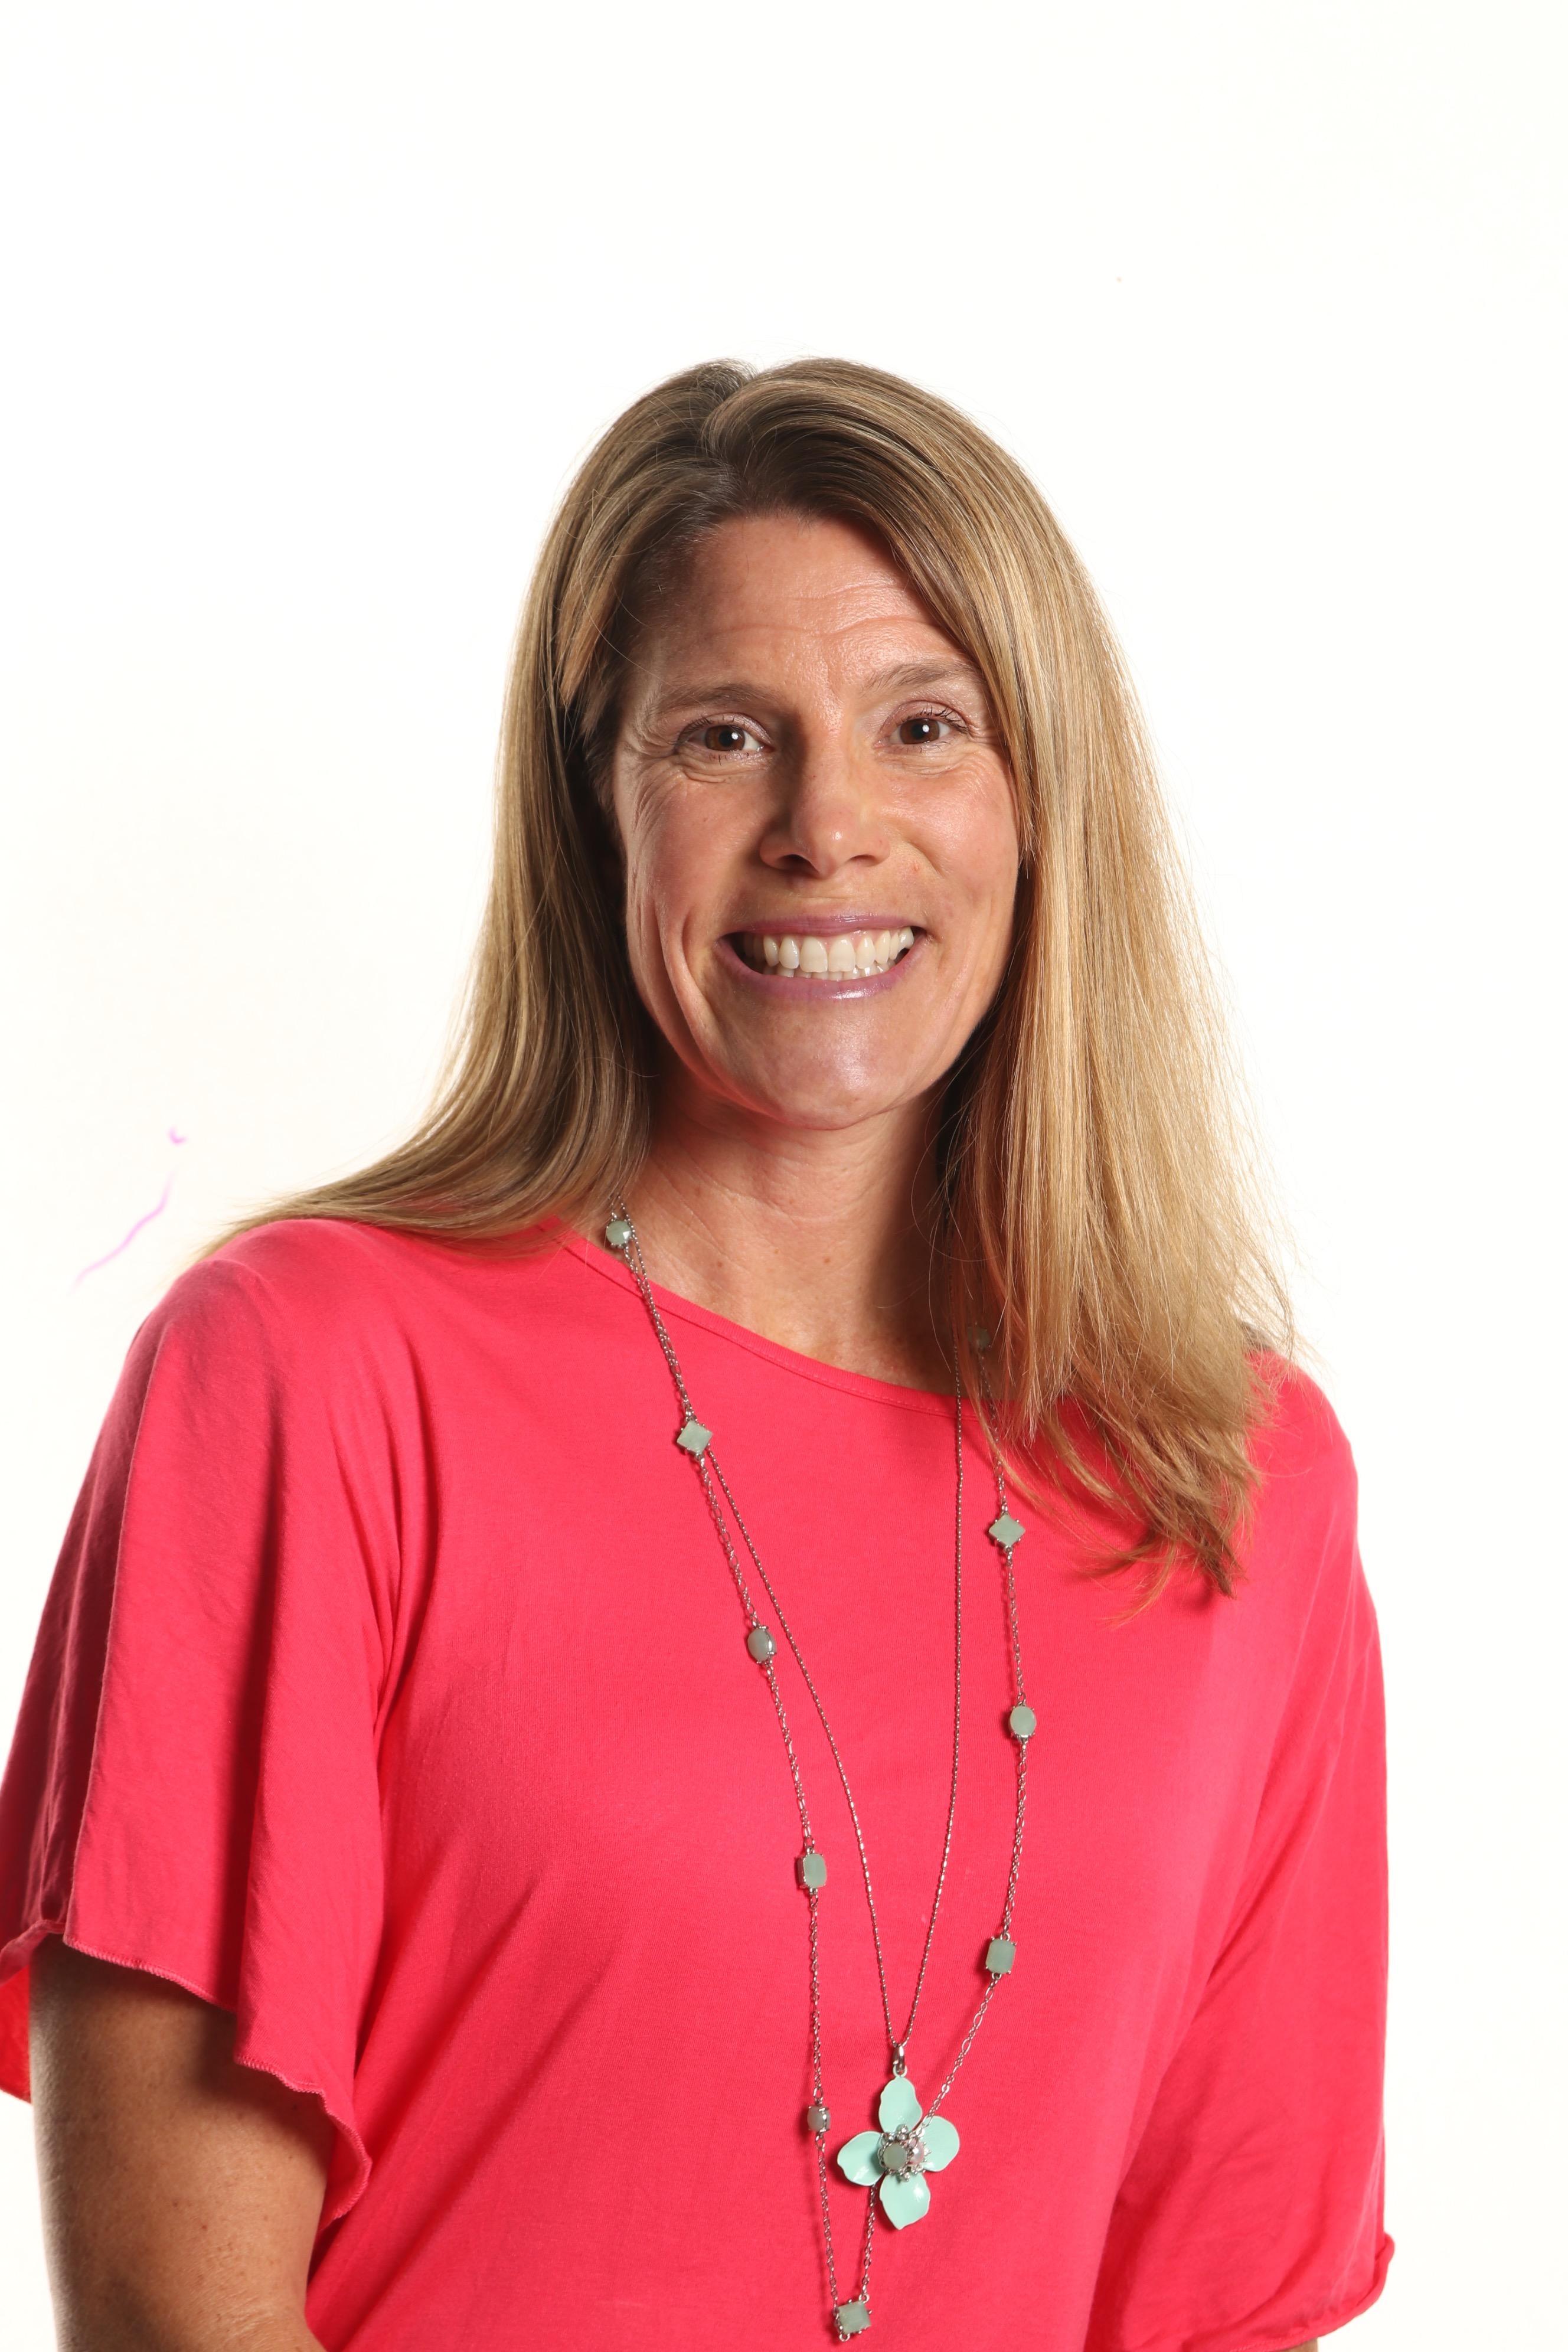 Stephanie Jagoda